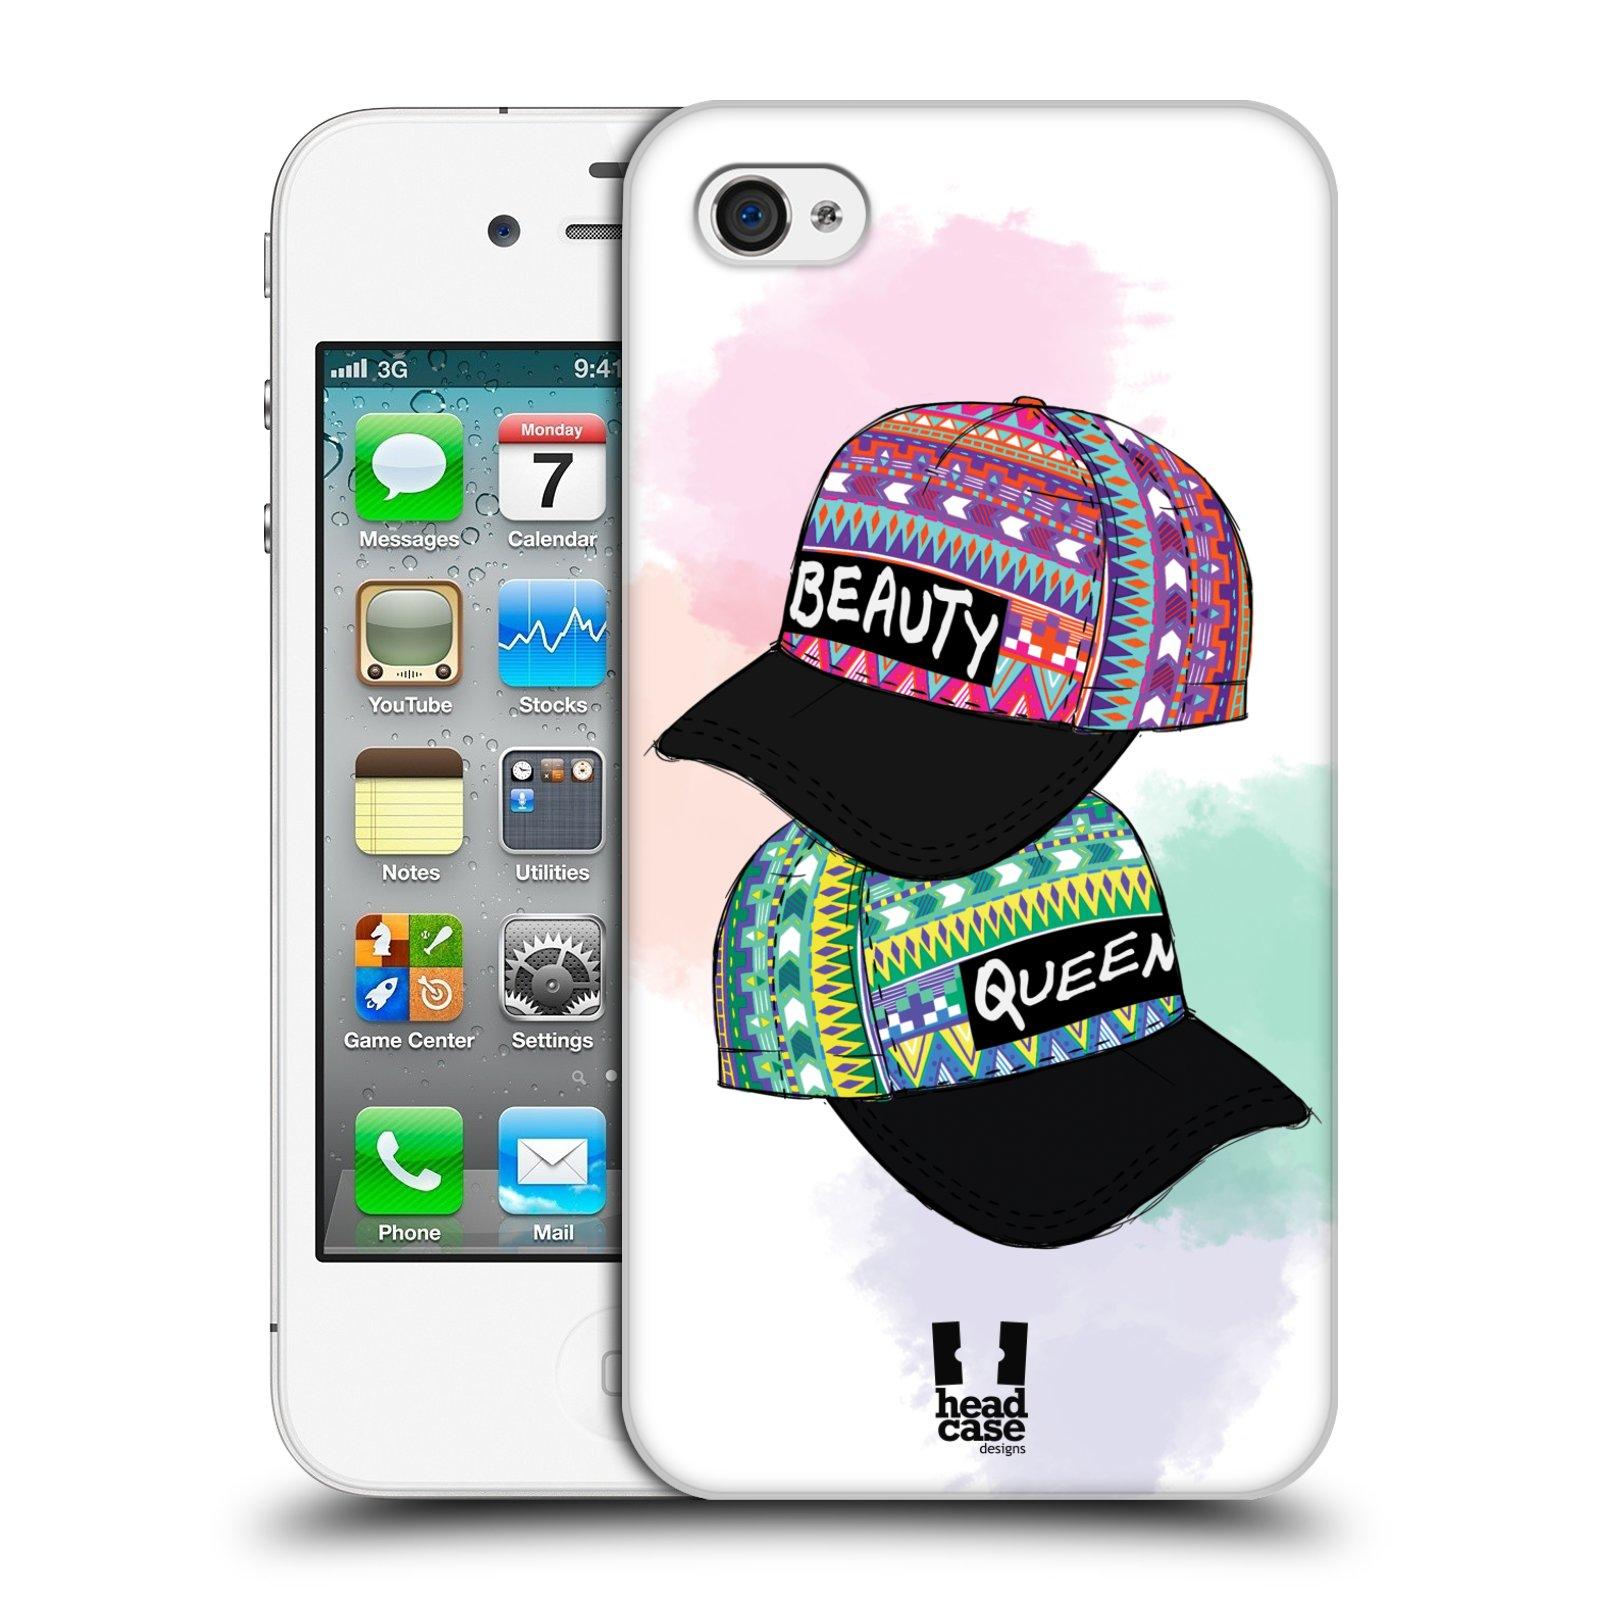 Plastové pouzdro na mobil Apple iPhone 4 a 4S HEAD CASE AZTEC ČAPKY